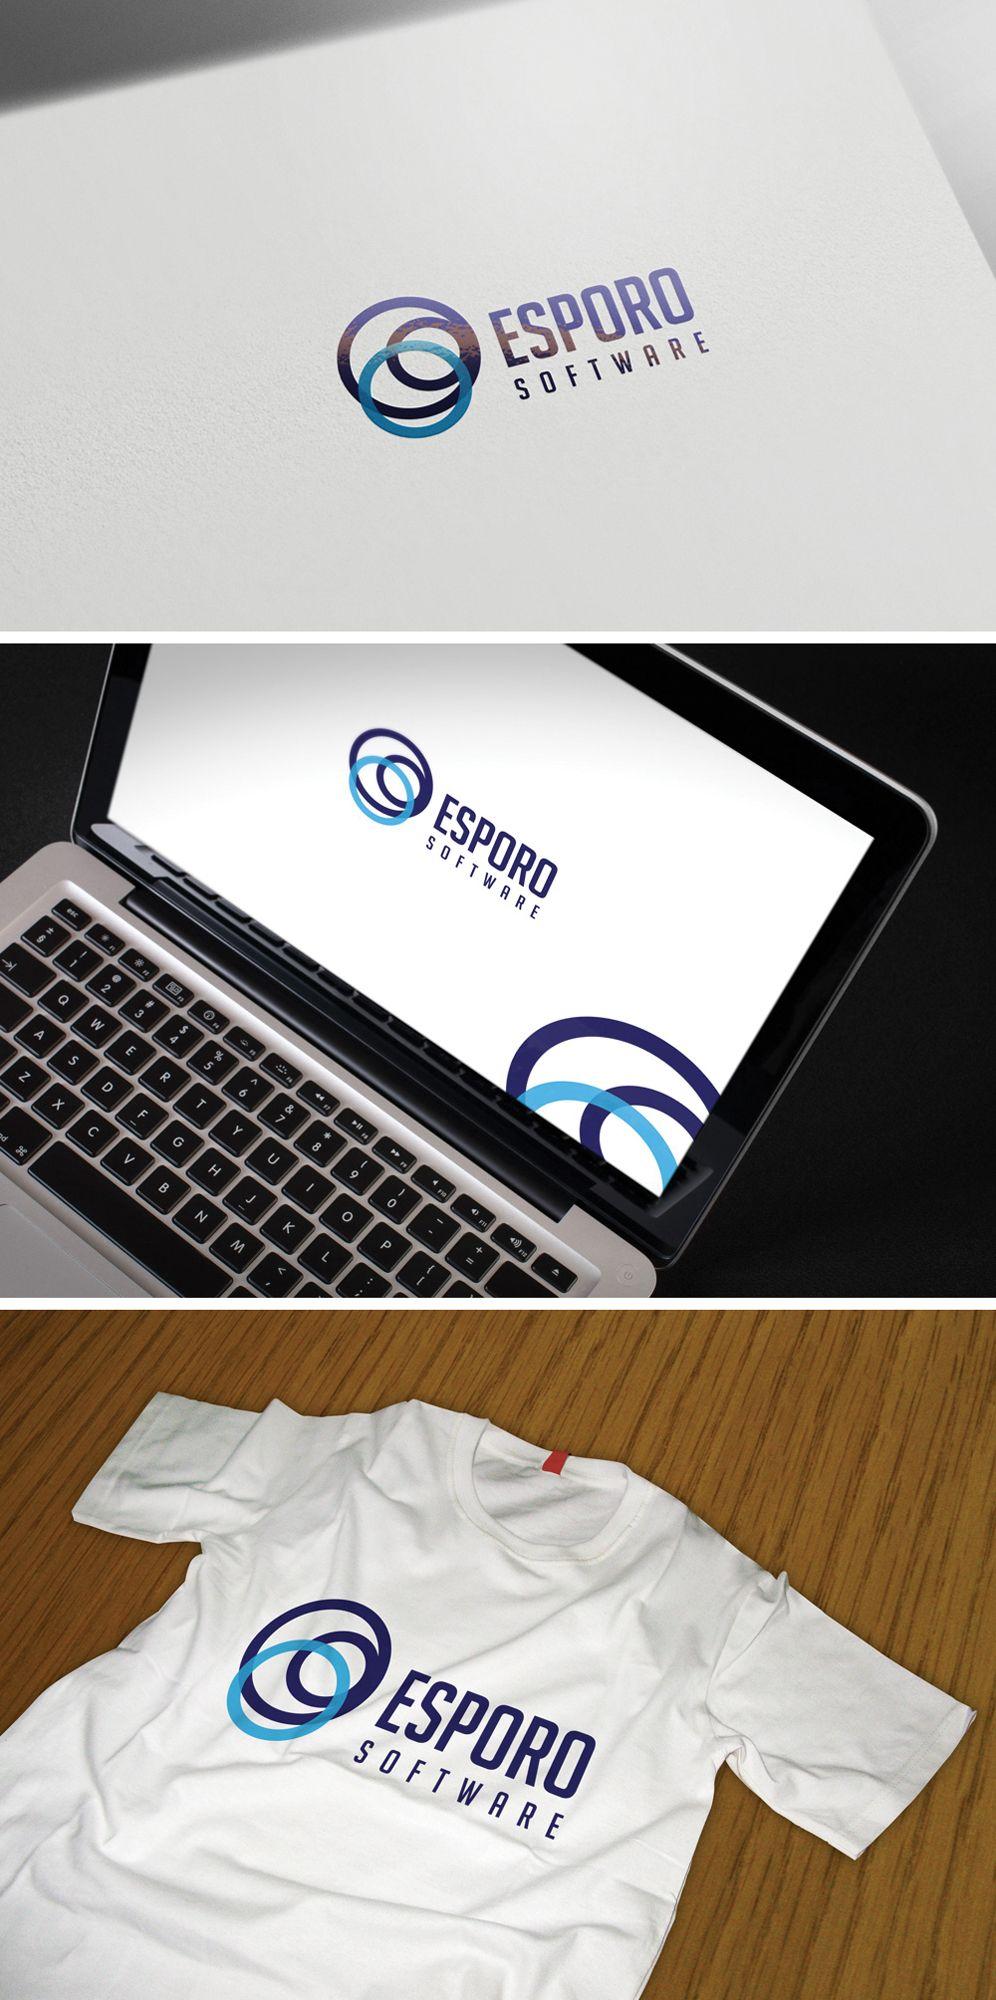 Логотип и фирменный стиль для ИТ-компании - дизайнер GreenRed